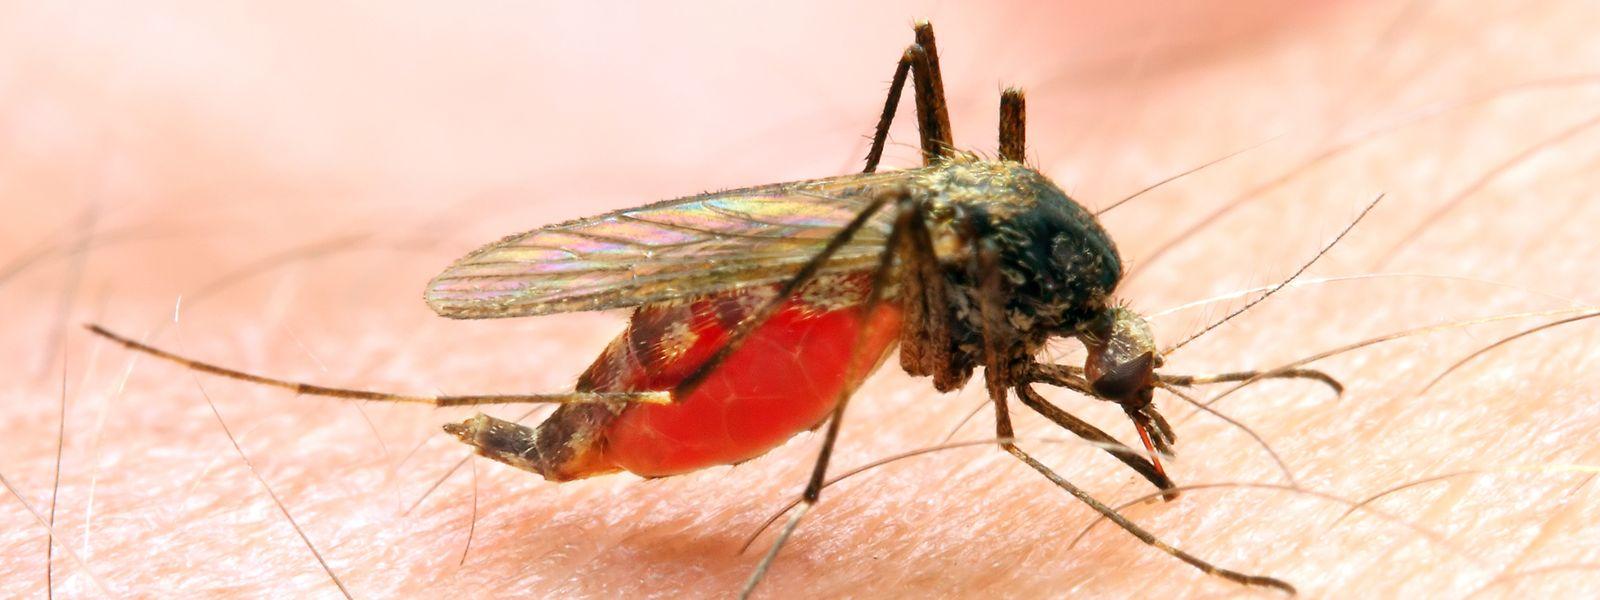 Malaria wird nur von weiblichen, Parasiten-befallenen Anopheles-Mücken übertragen.